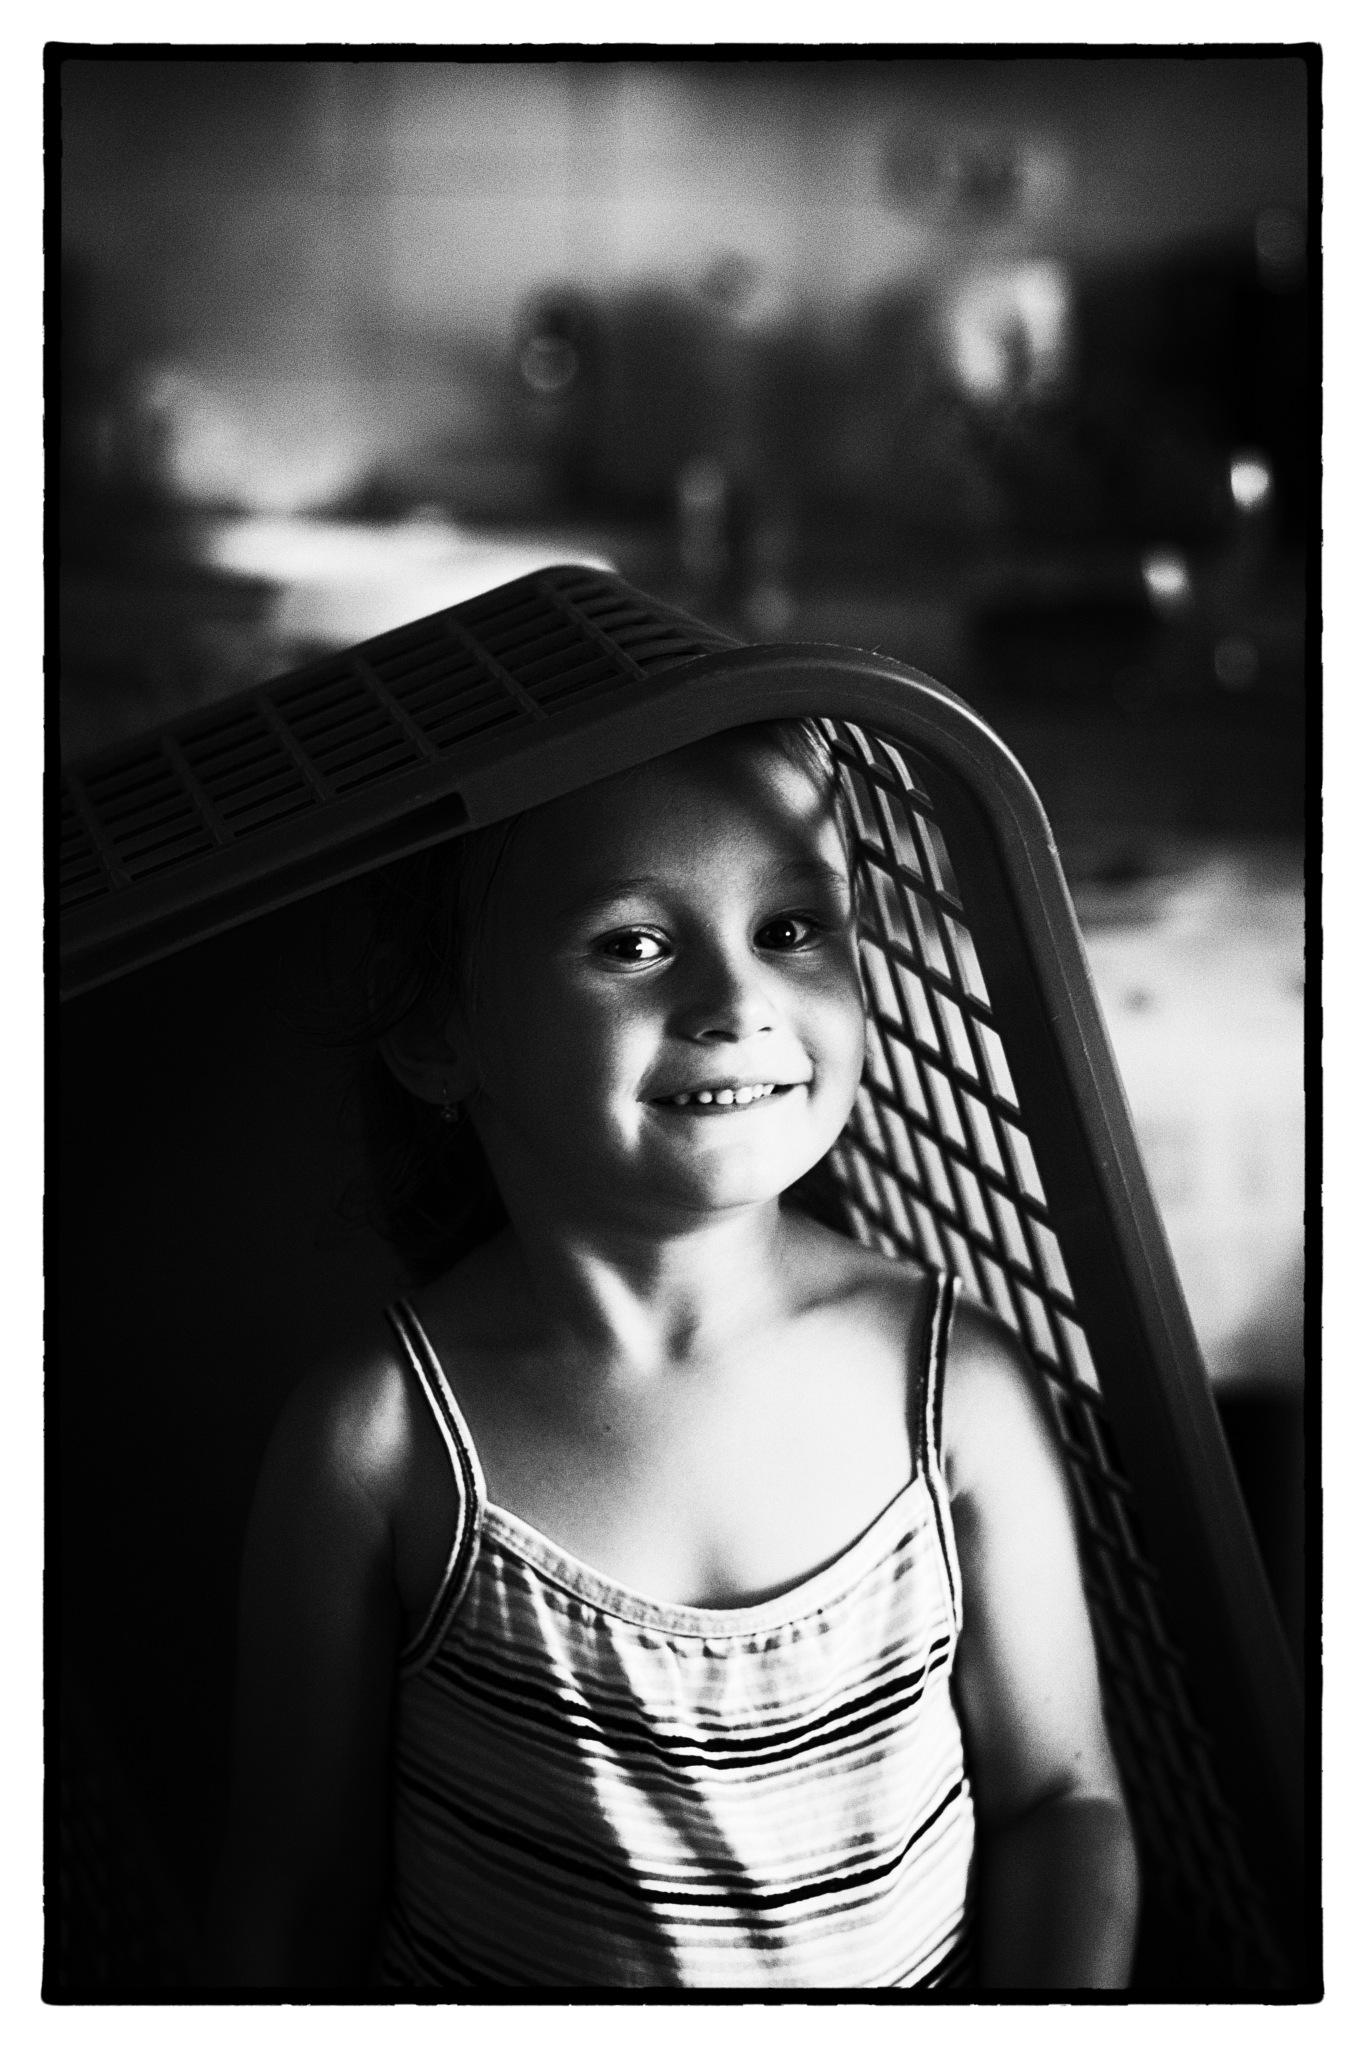 Childhood memories by Pavol Vesely